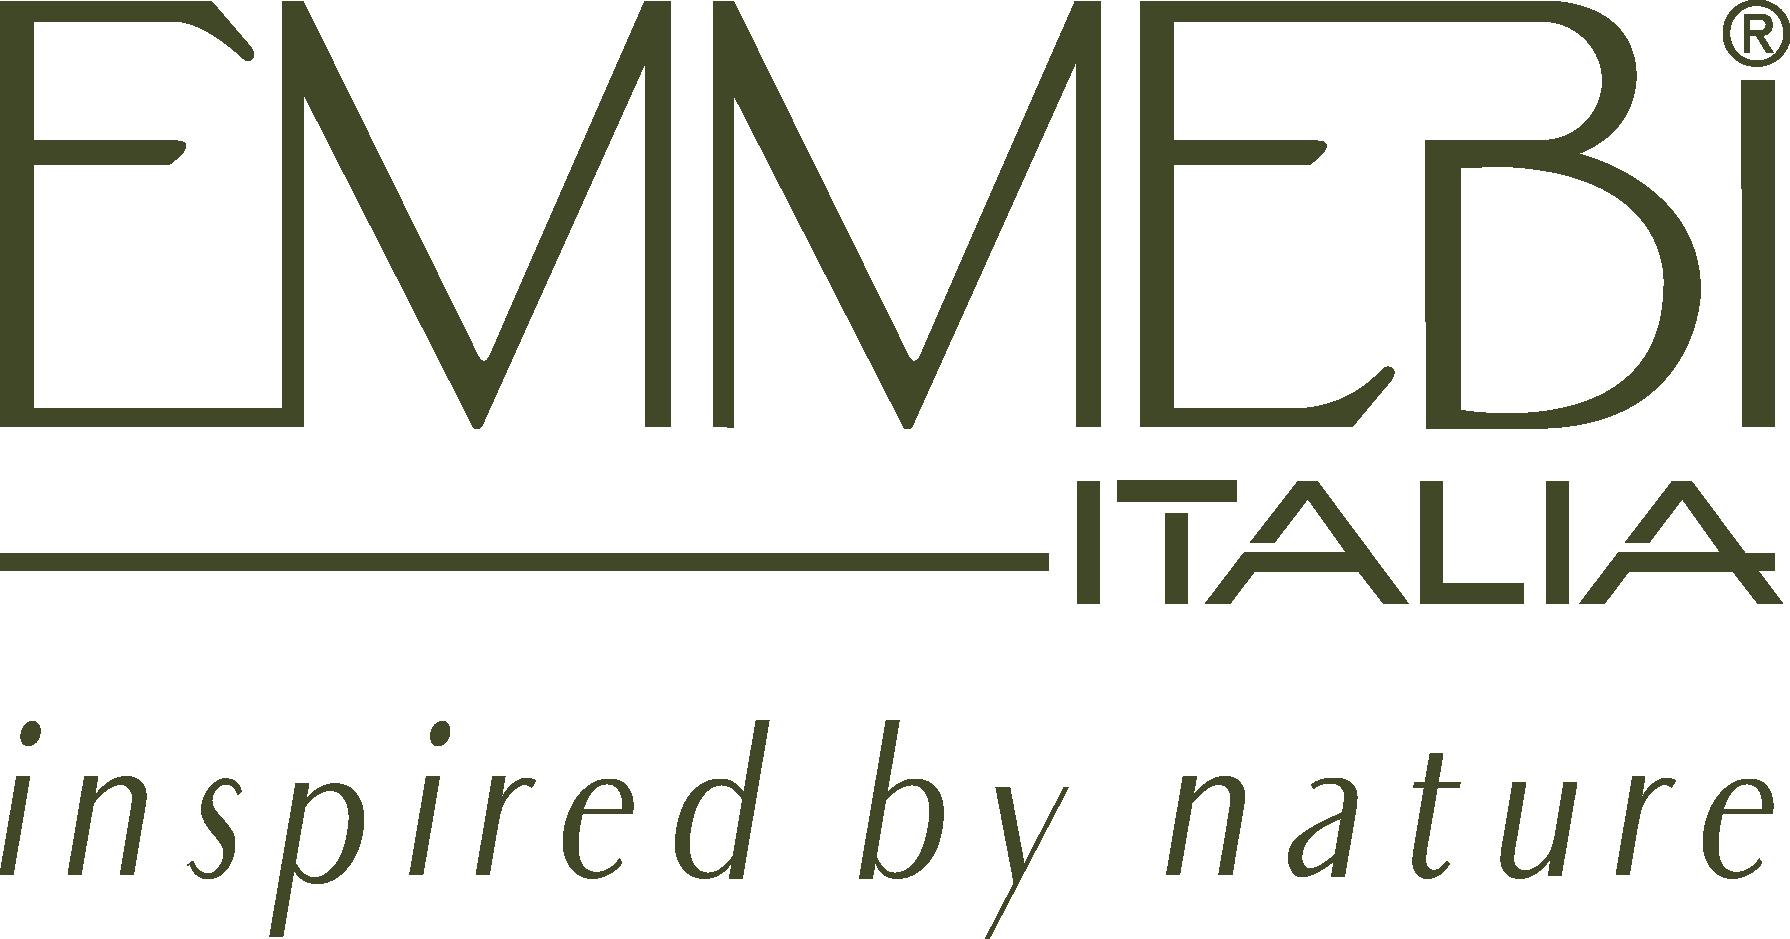 Emmebi Natural Solution